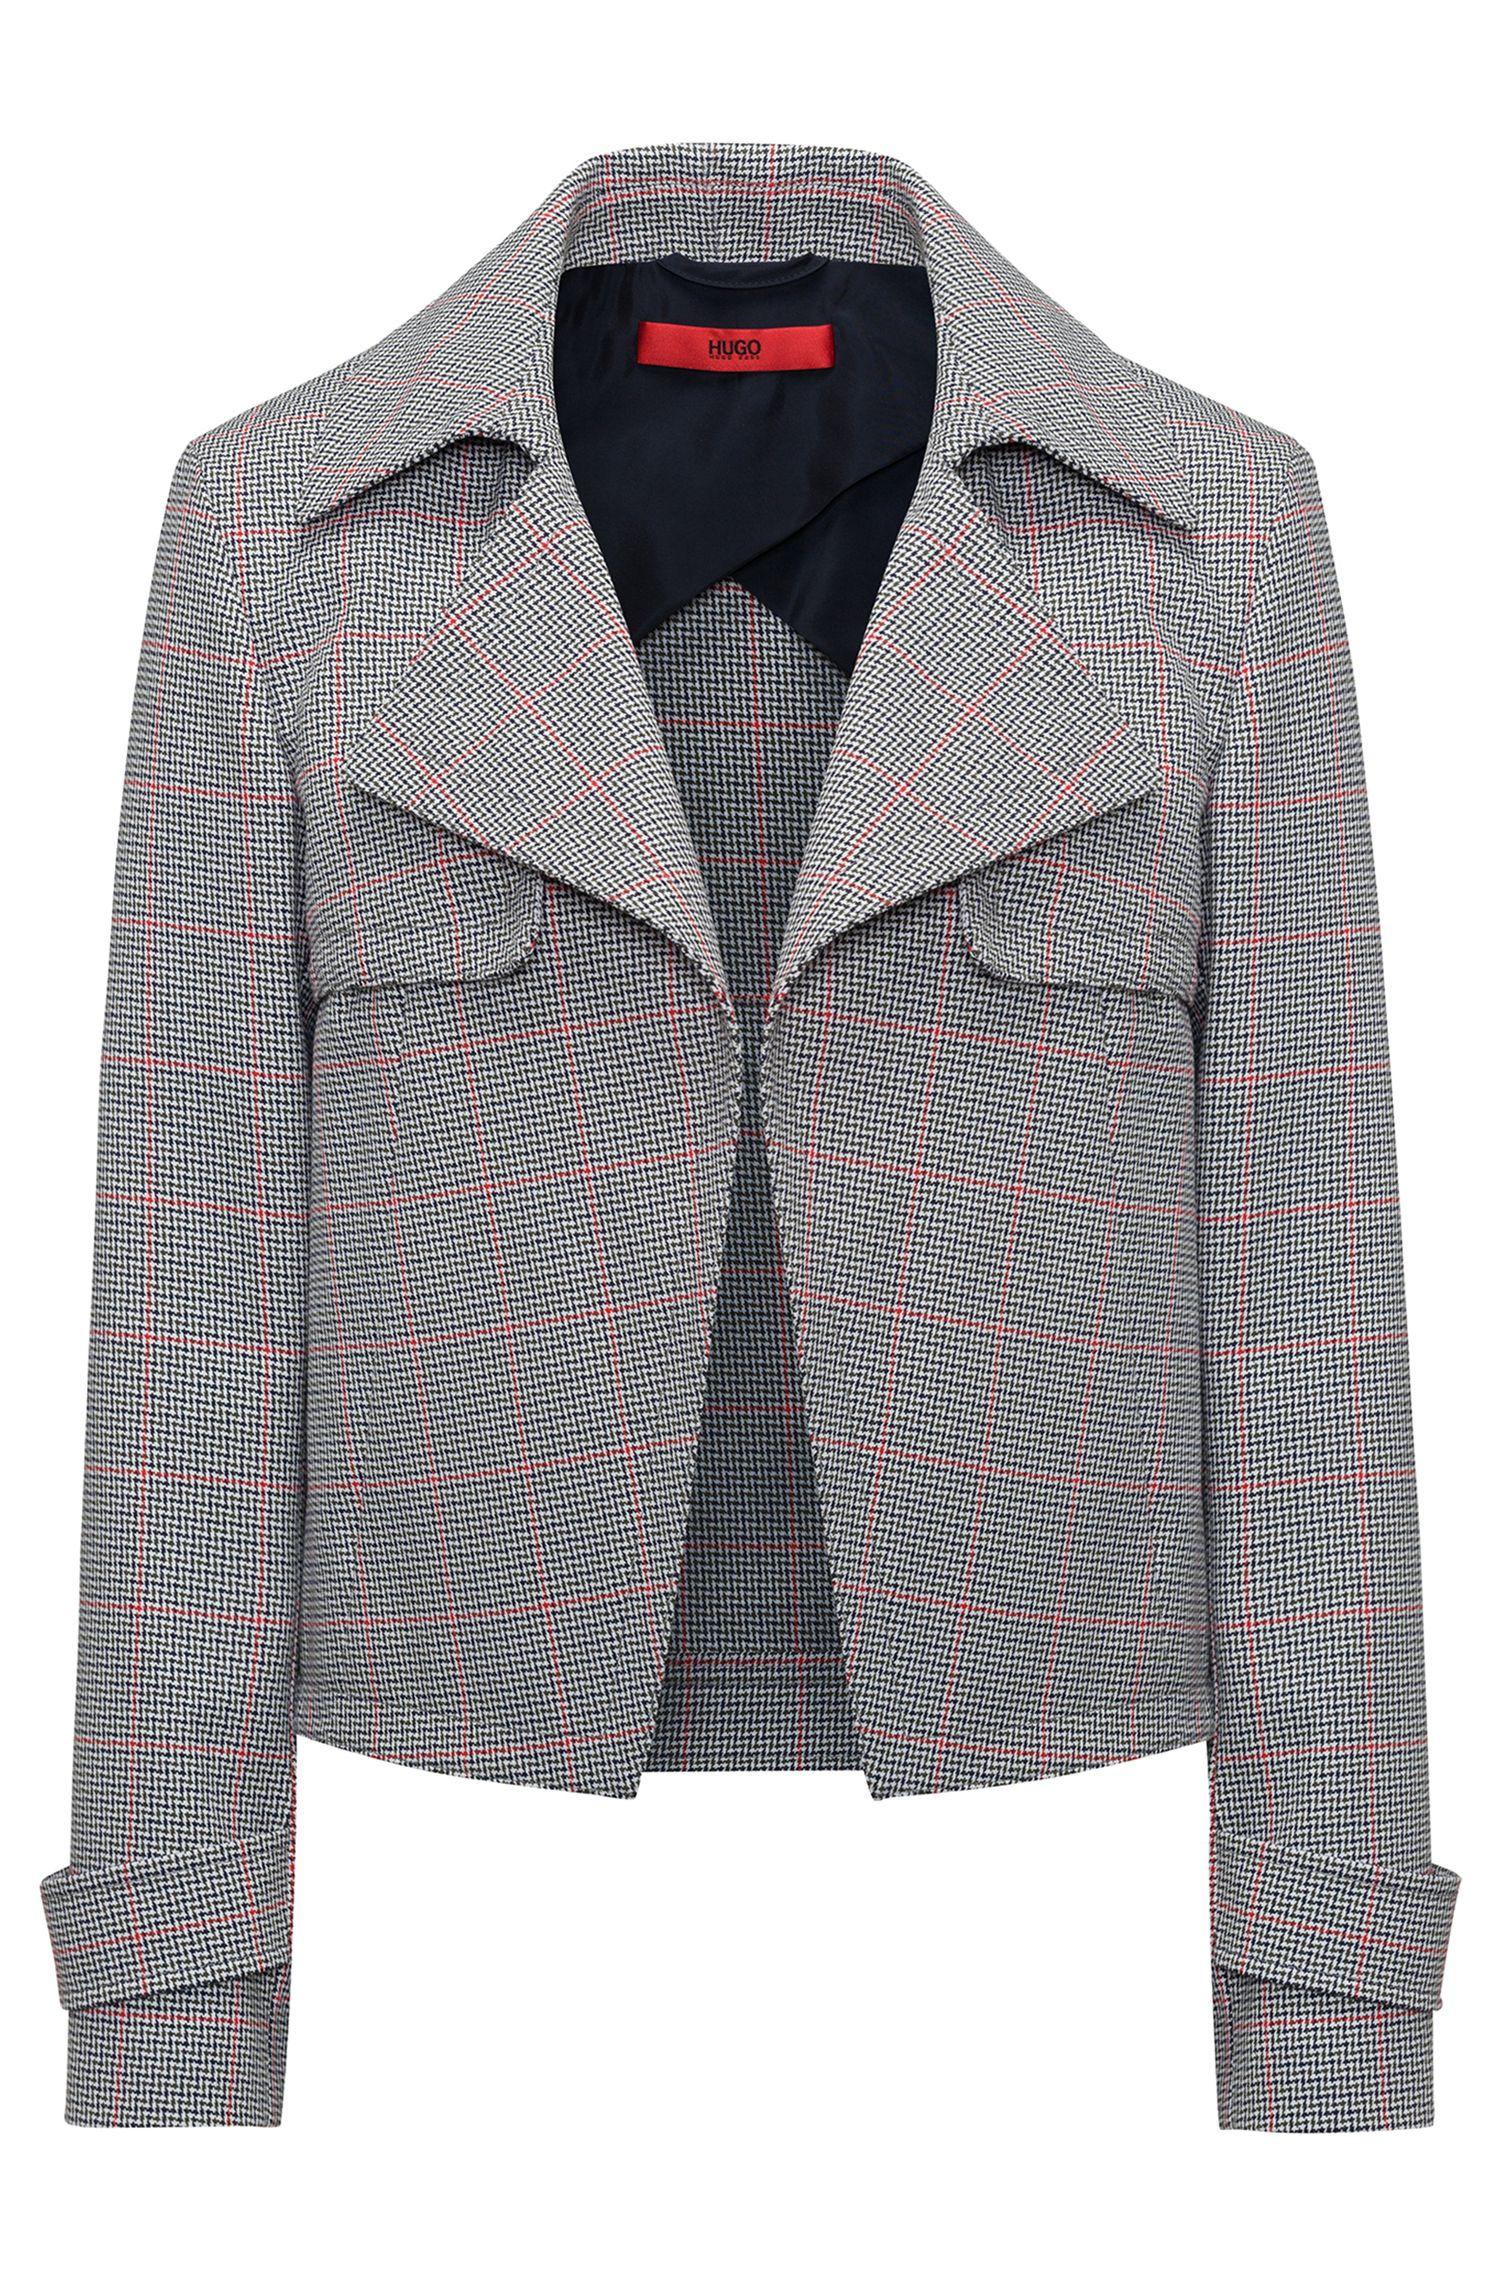 Hugo Boss - Veste Relaxed Fit en coton avec motif à carreaux en zigzag - 1